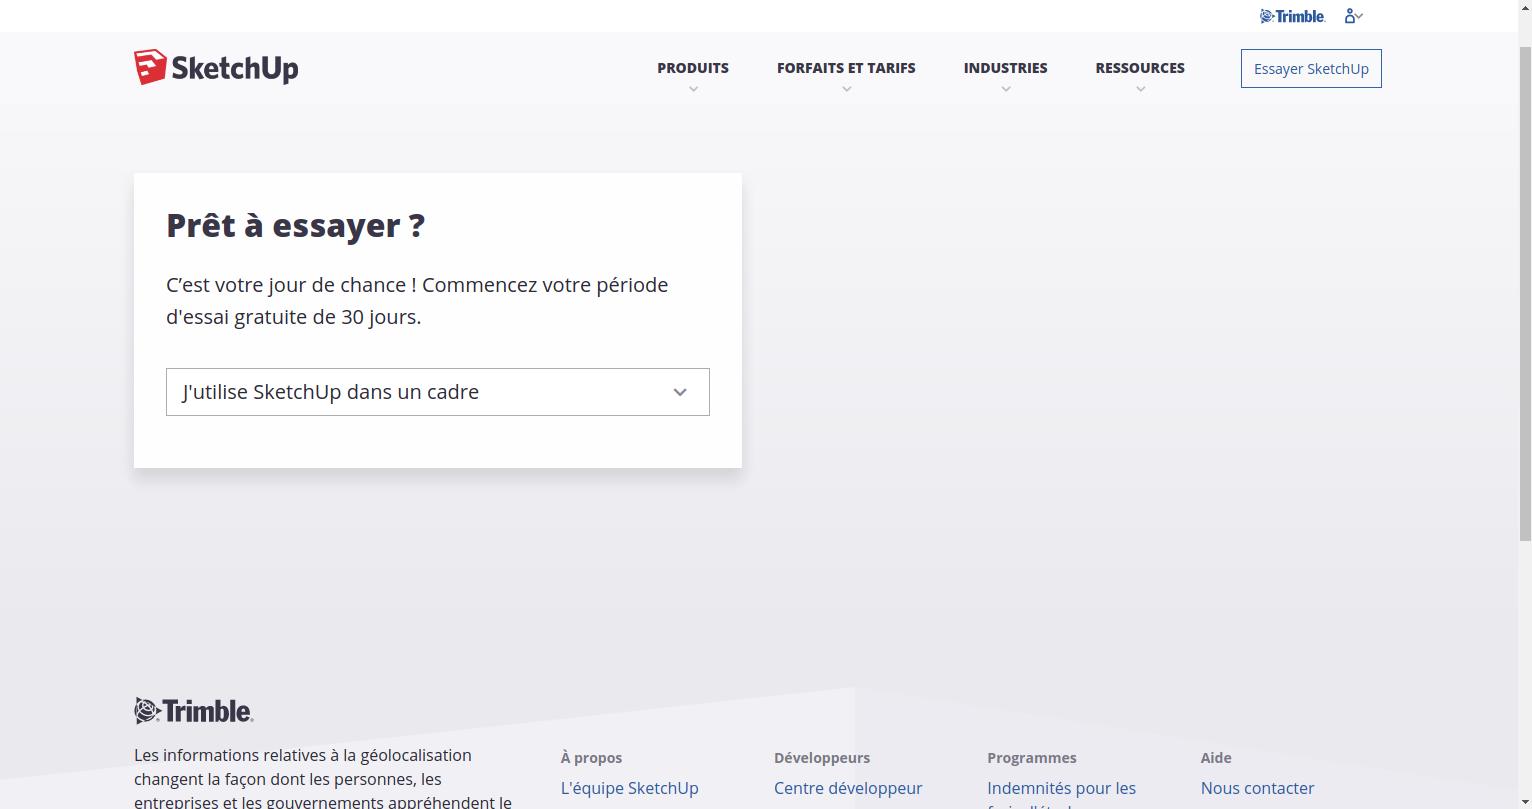 """Voici la page d'accueil Sketchup, cliquez sur """"essayer SketchUp"""""""